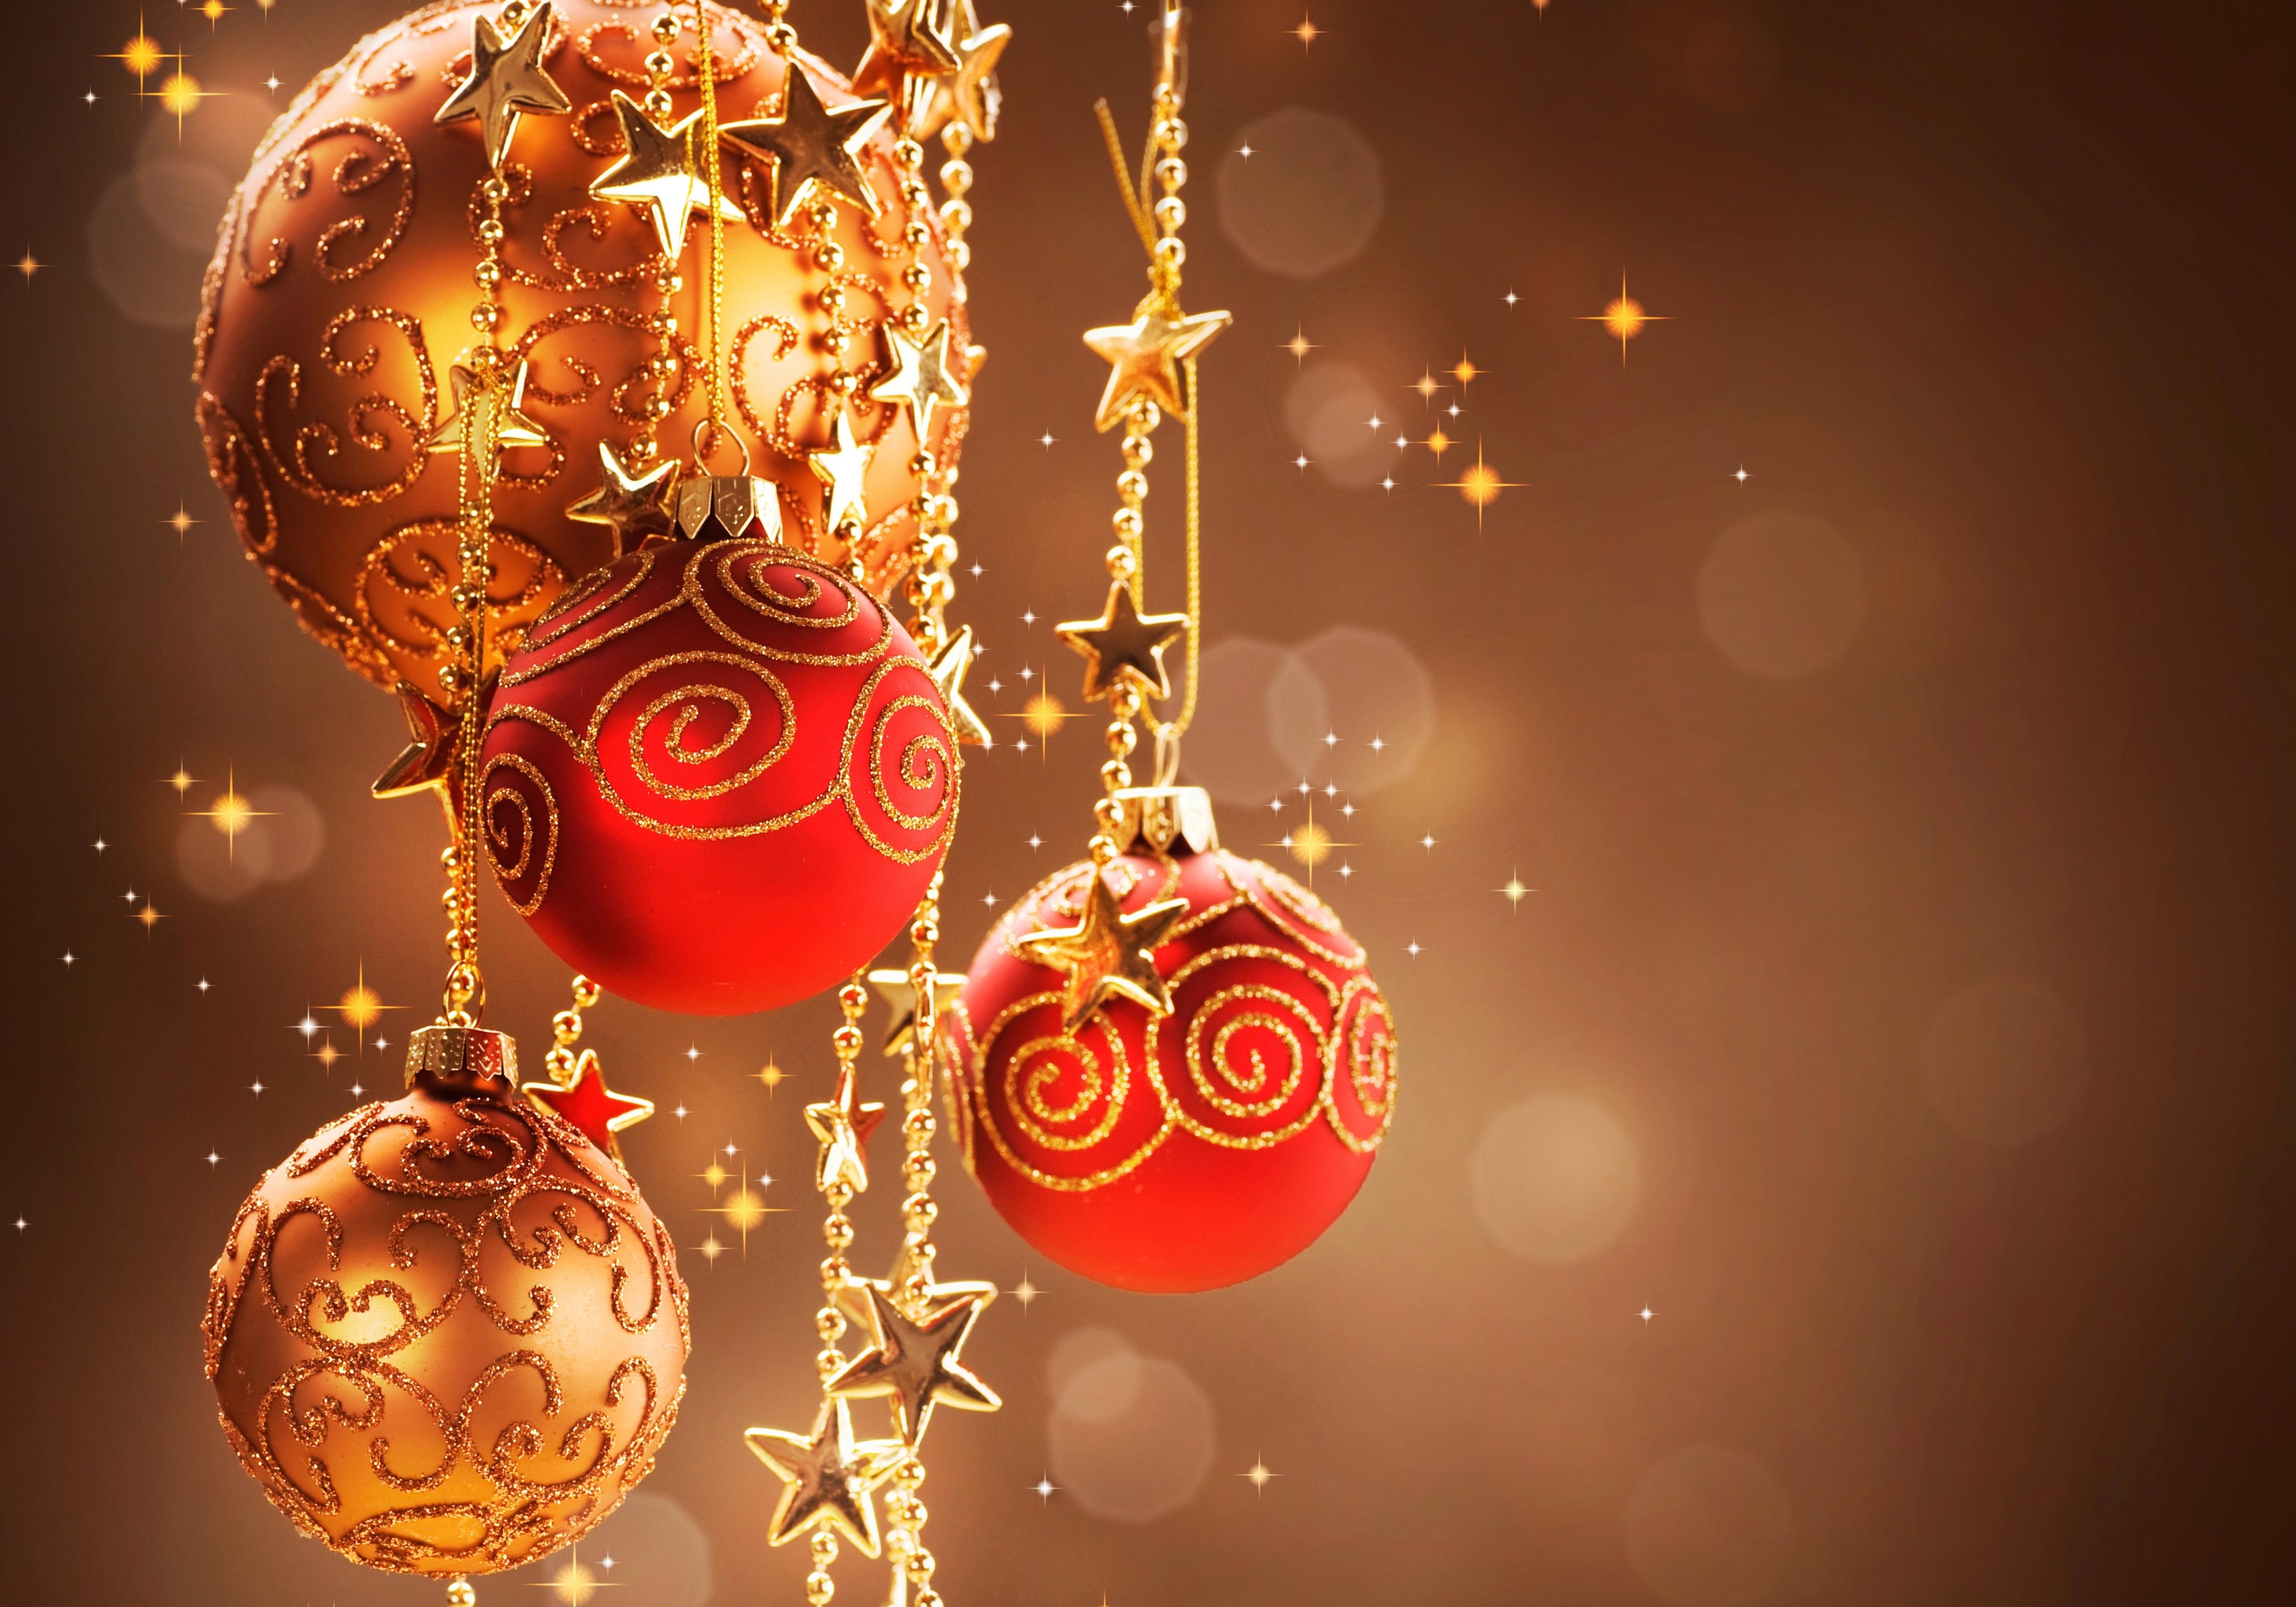 Новогодние Обои На Телефон Высокого Качества